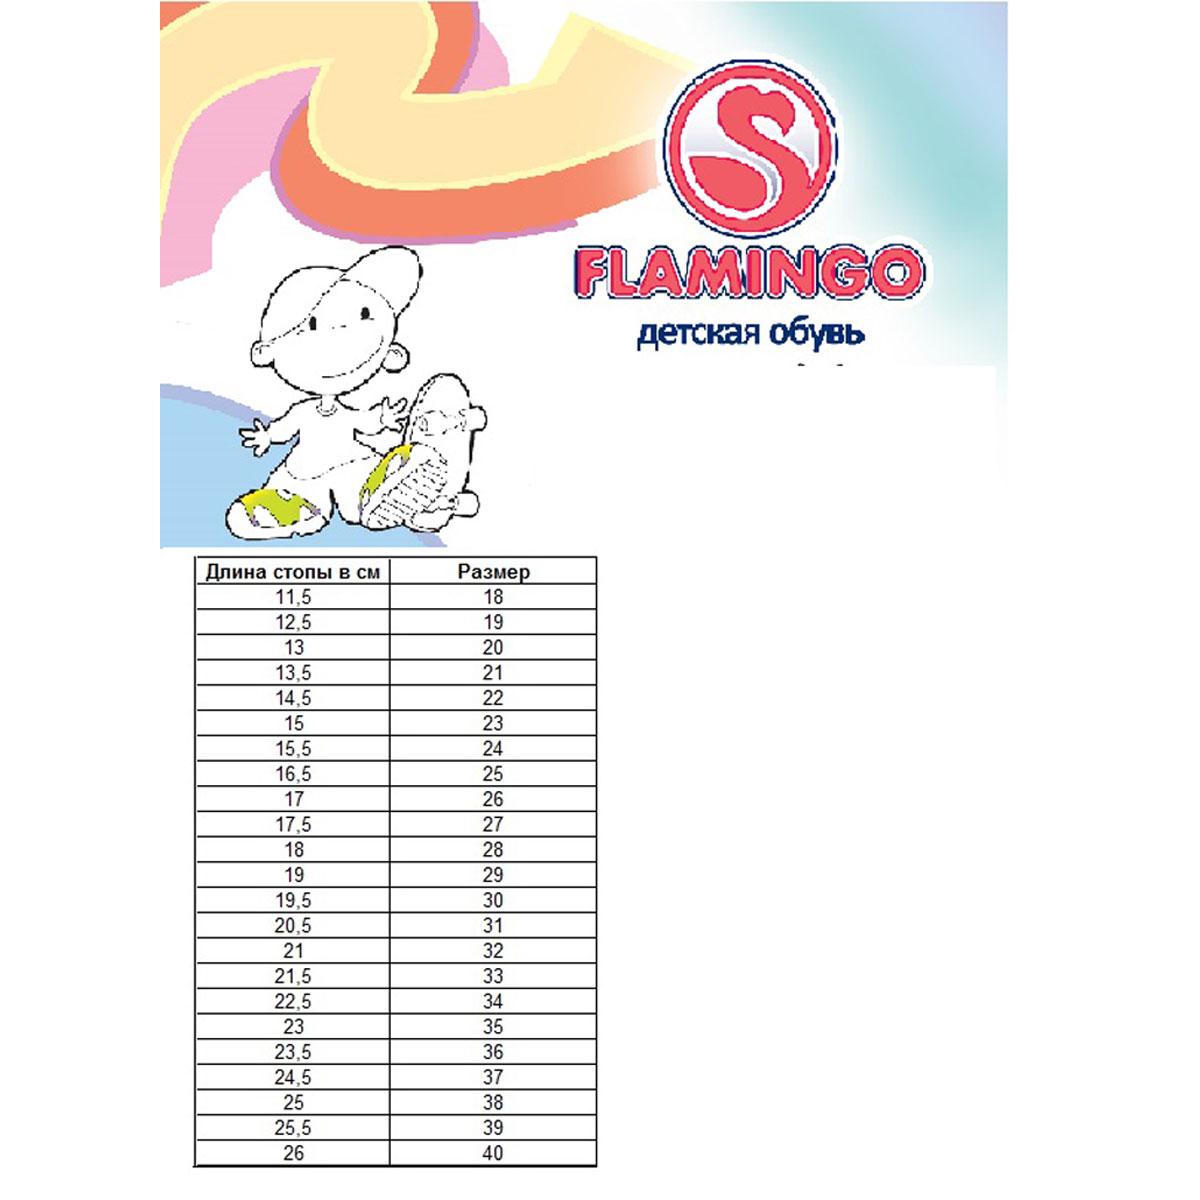 Flamingo ������ ��� �������. XC4868